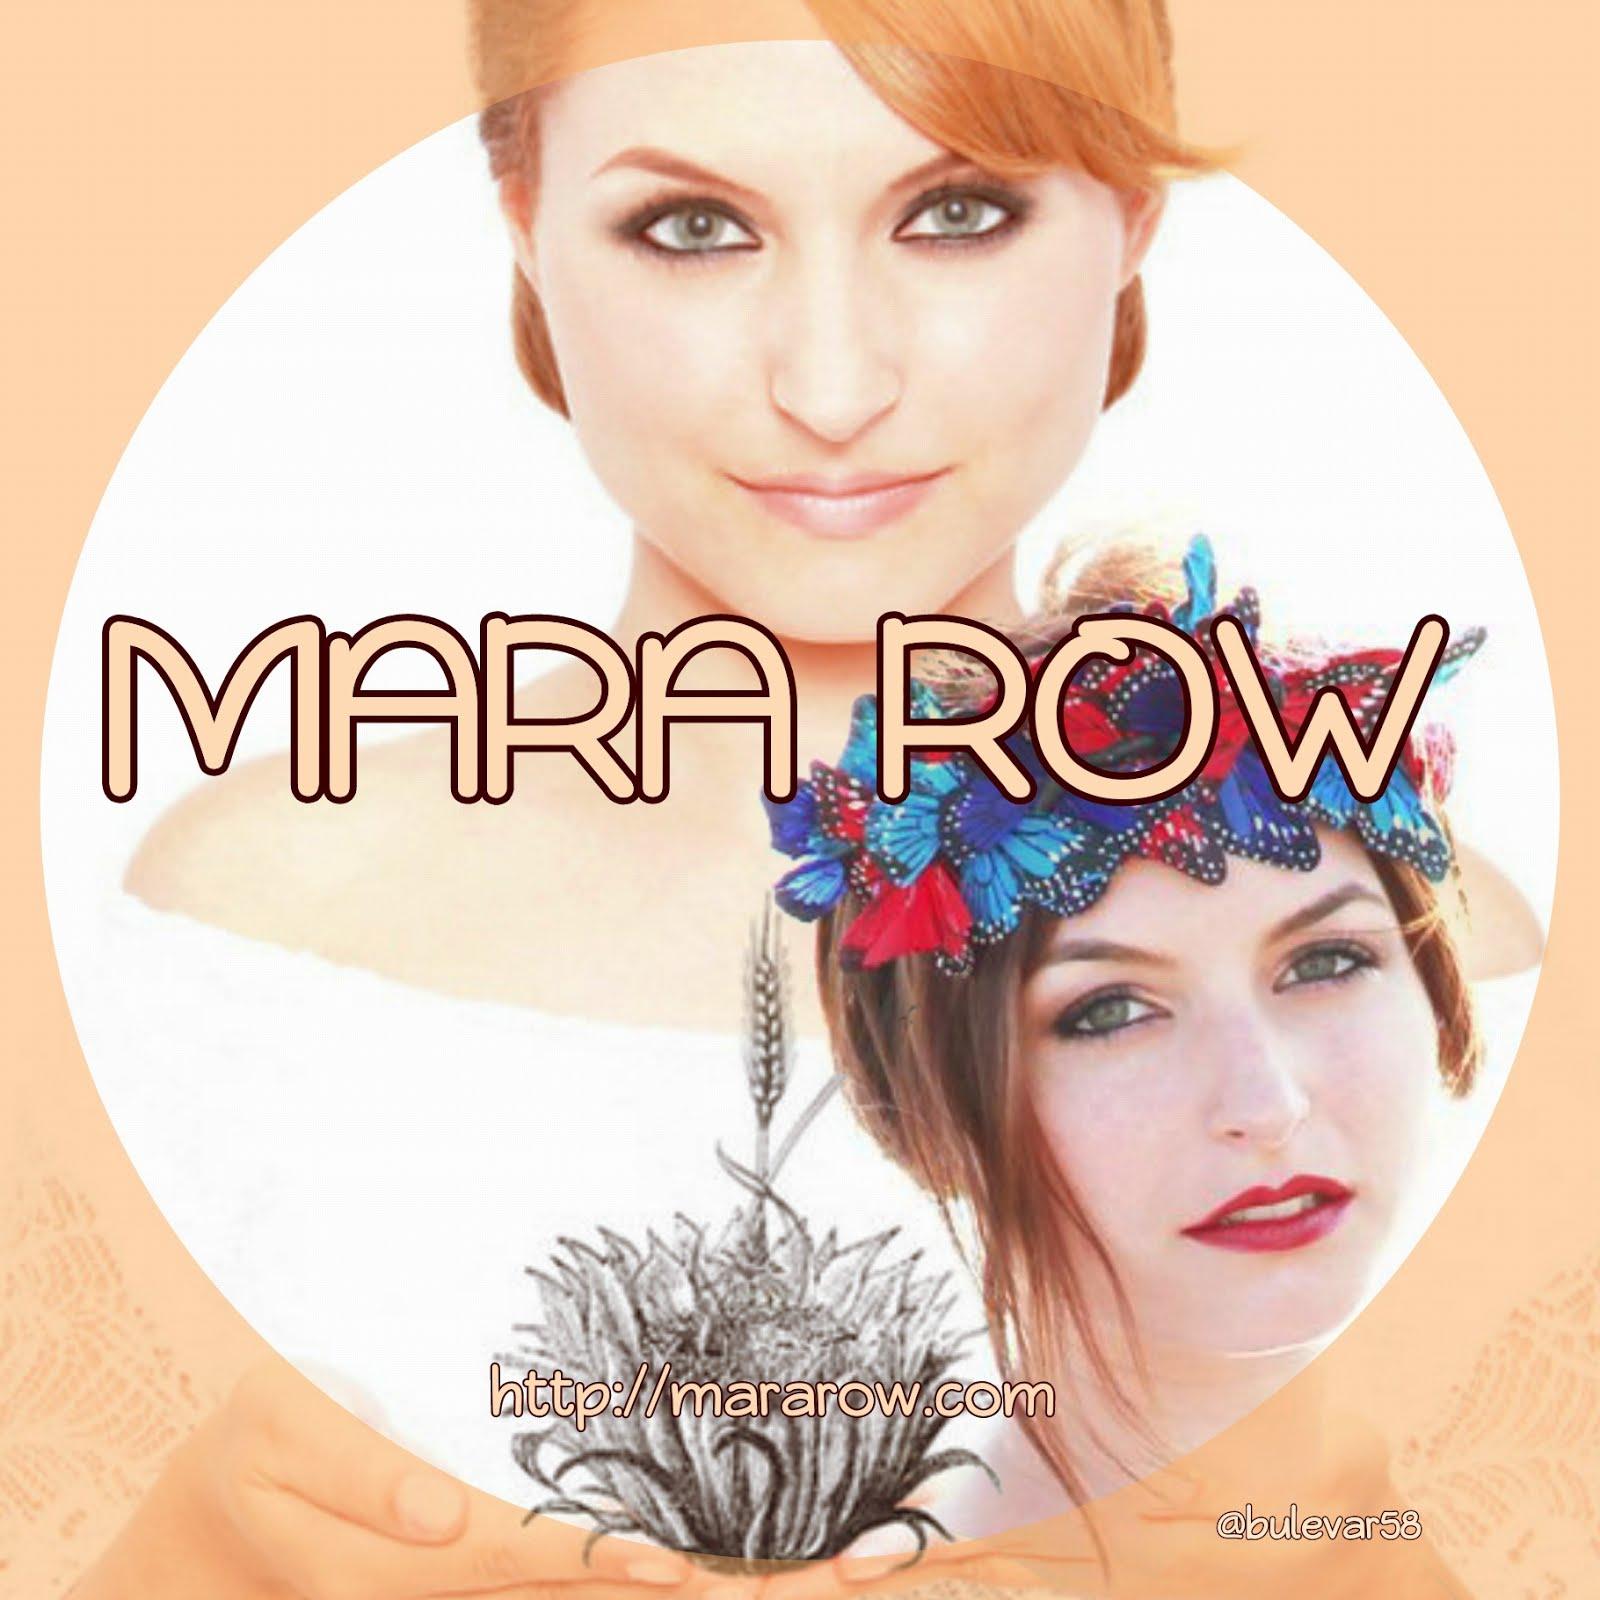 MARA ROW